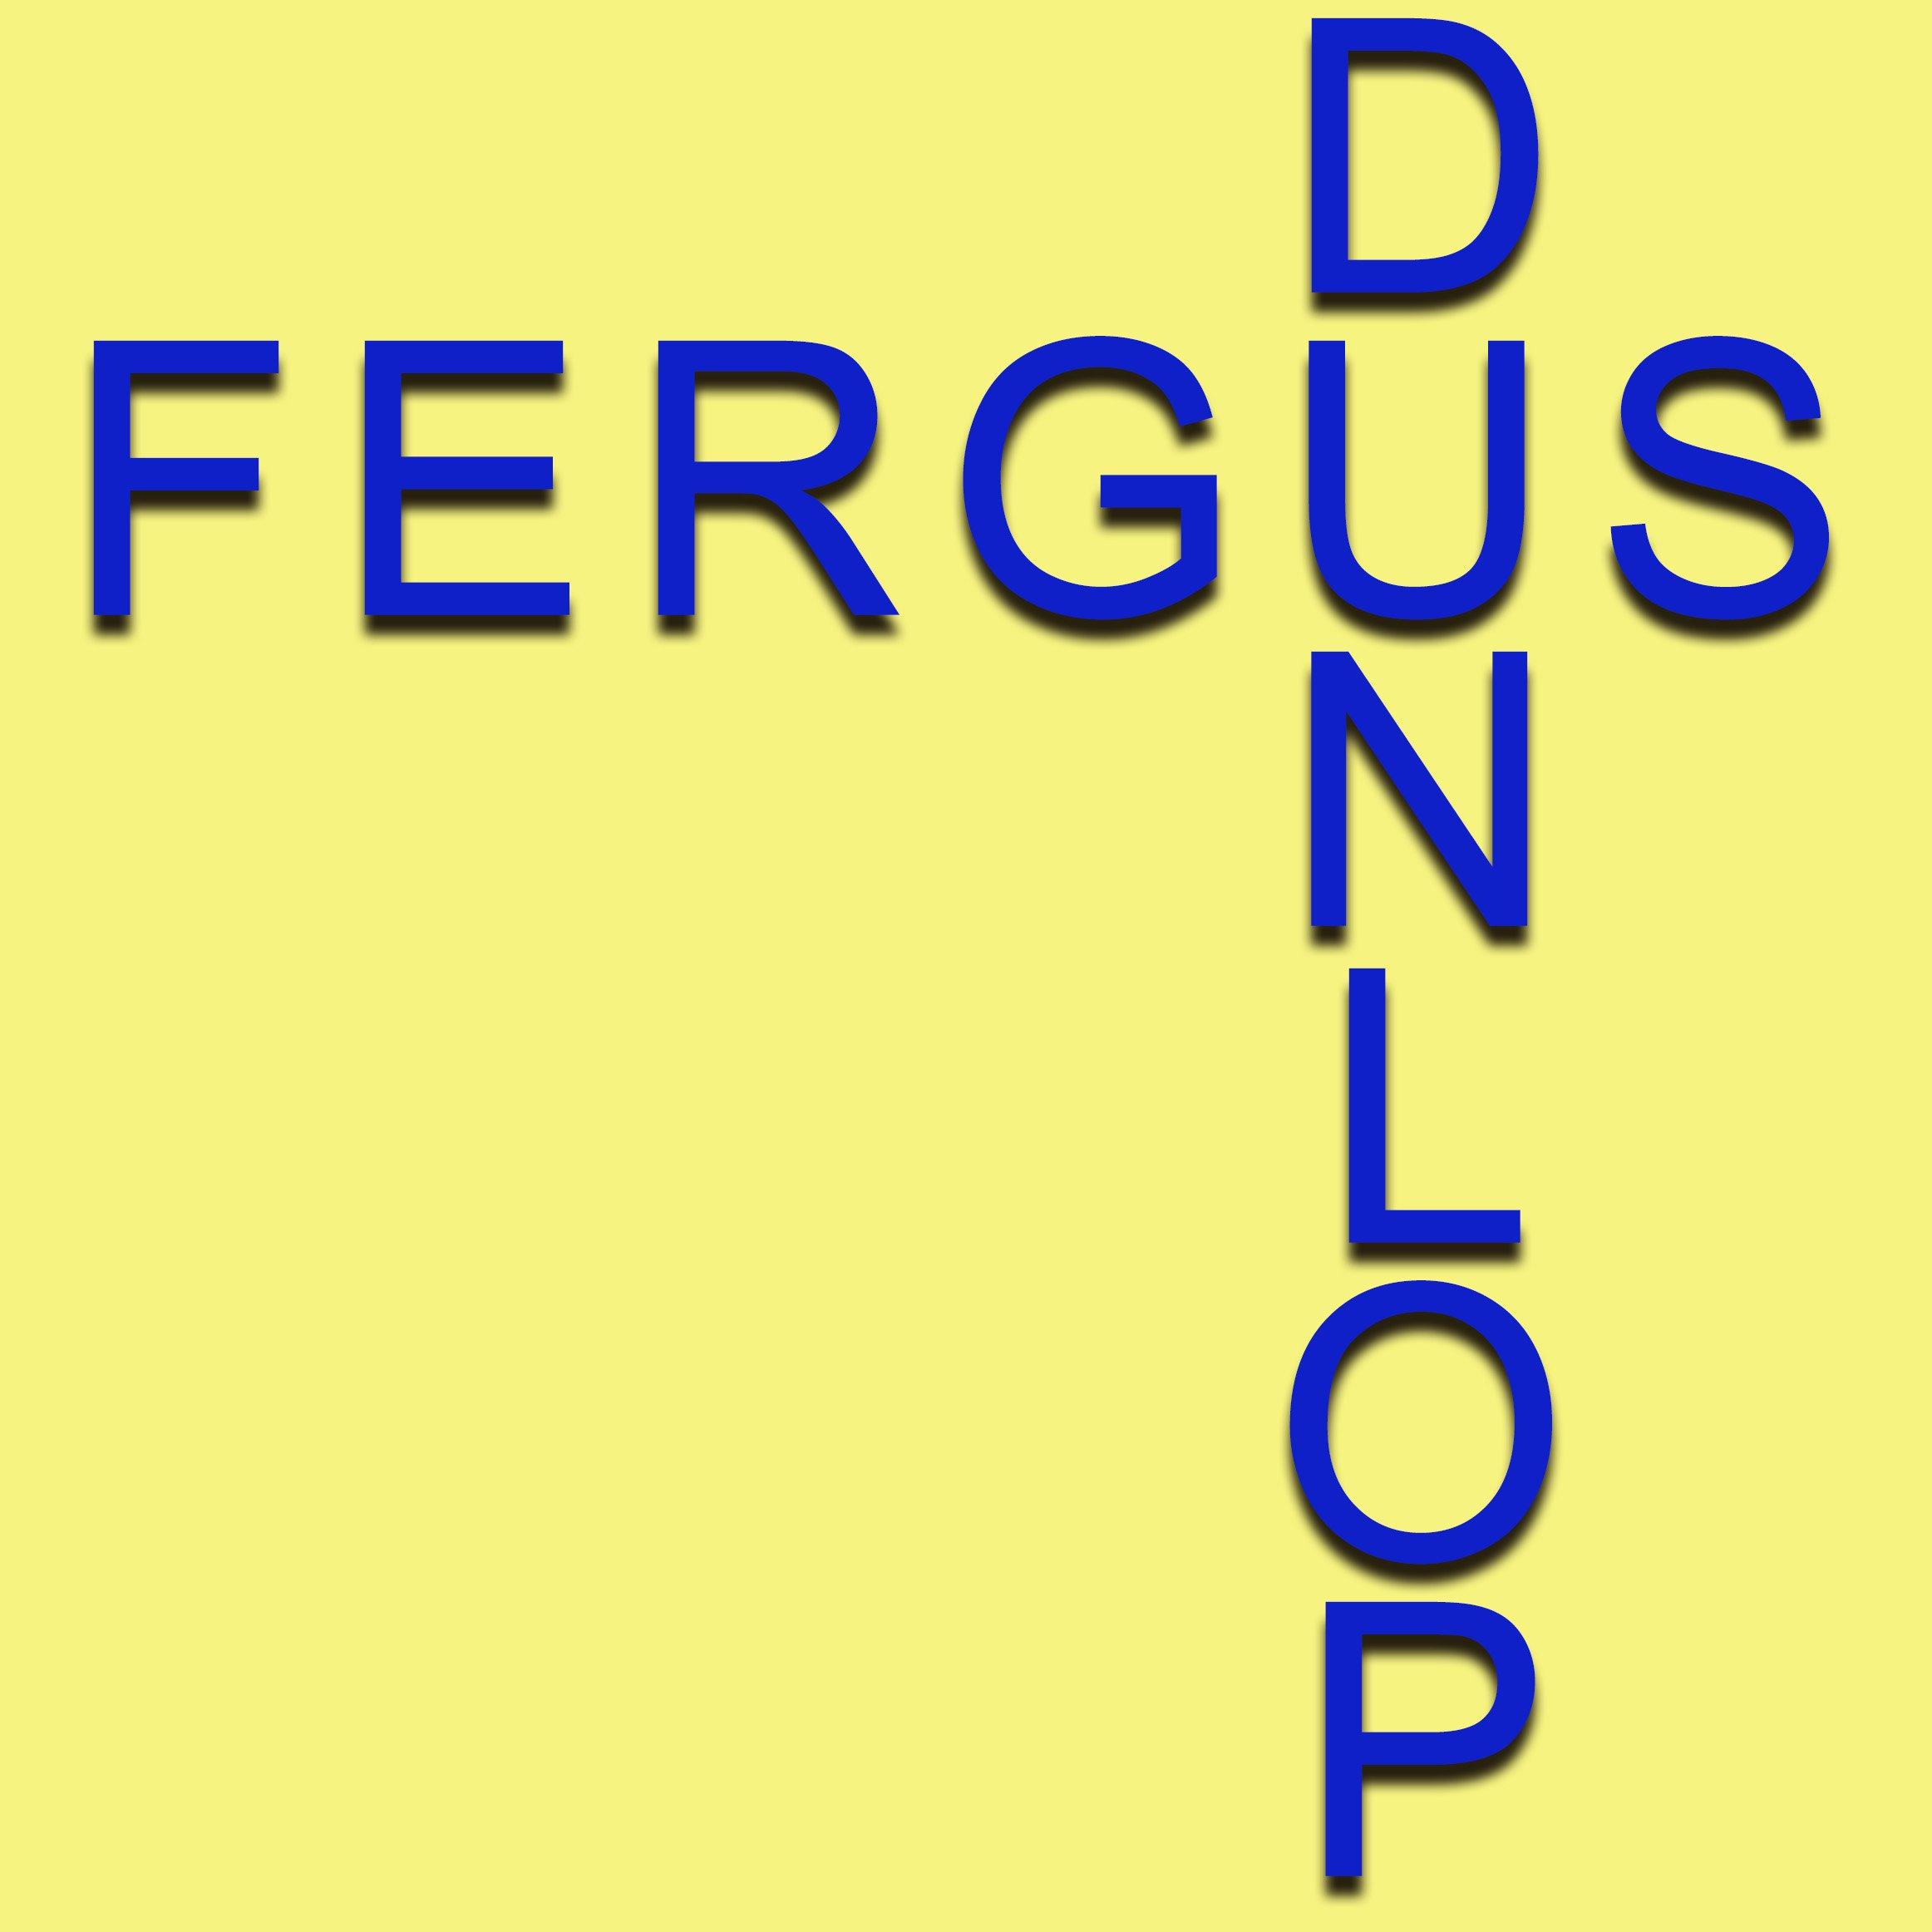 Fergus Dunlop